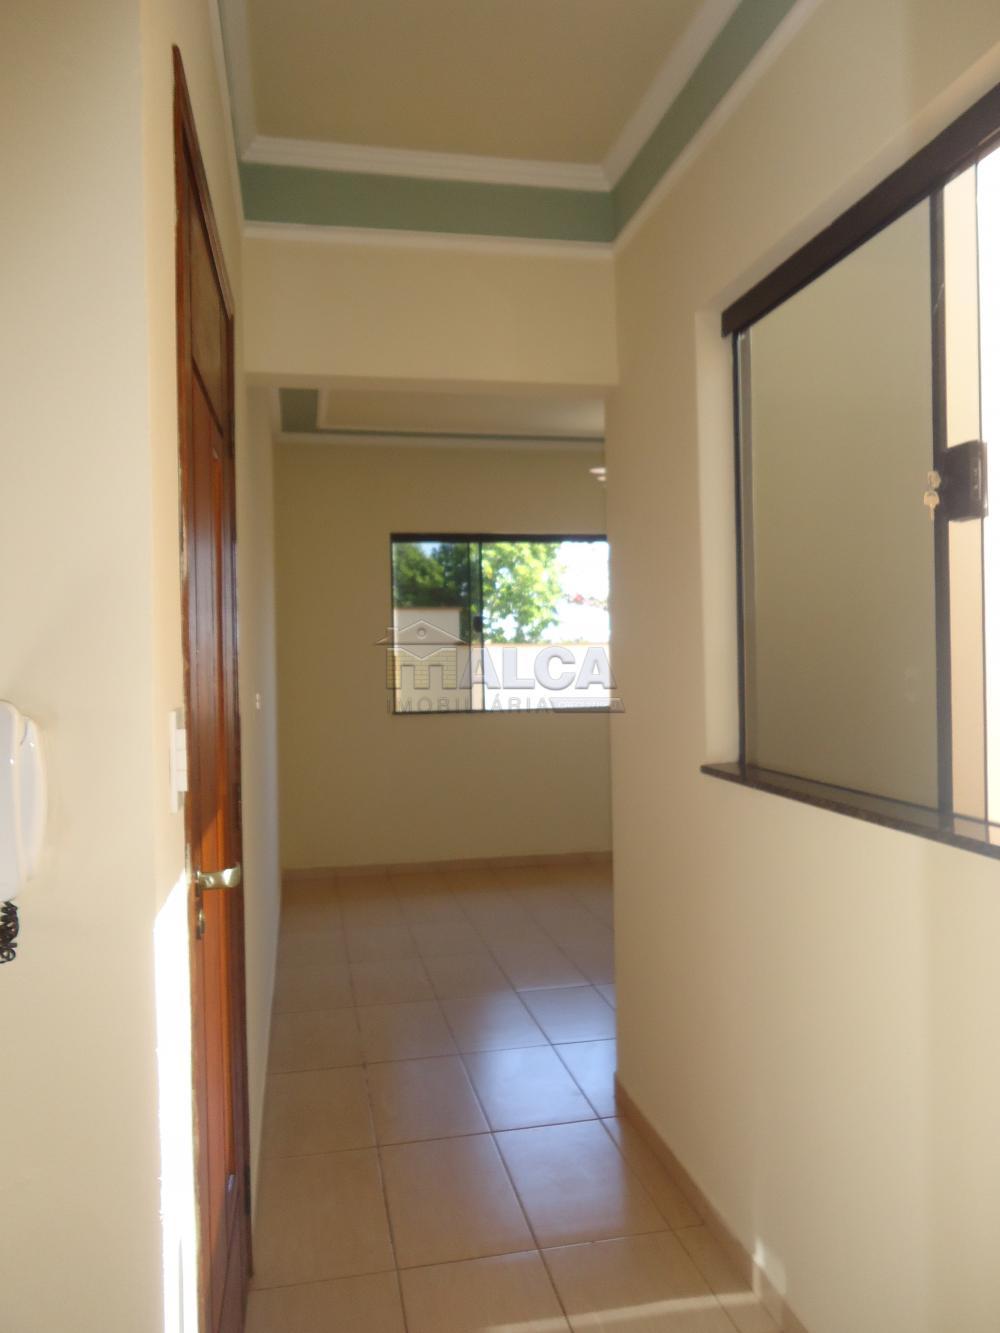 Alugar Casas / Padrão em São José do Rio Pardo R$ 1.500,00 - Foto 10